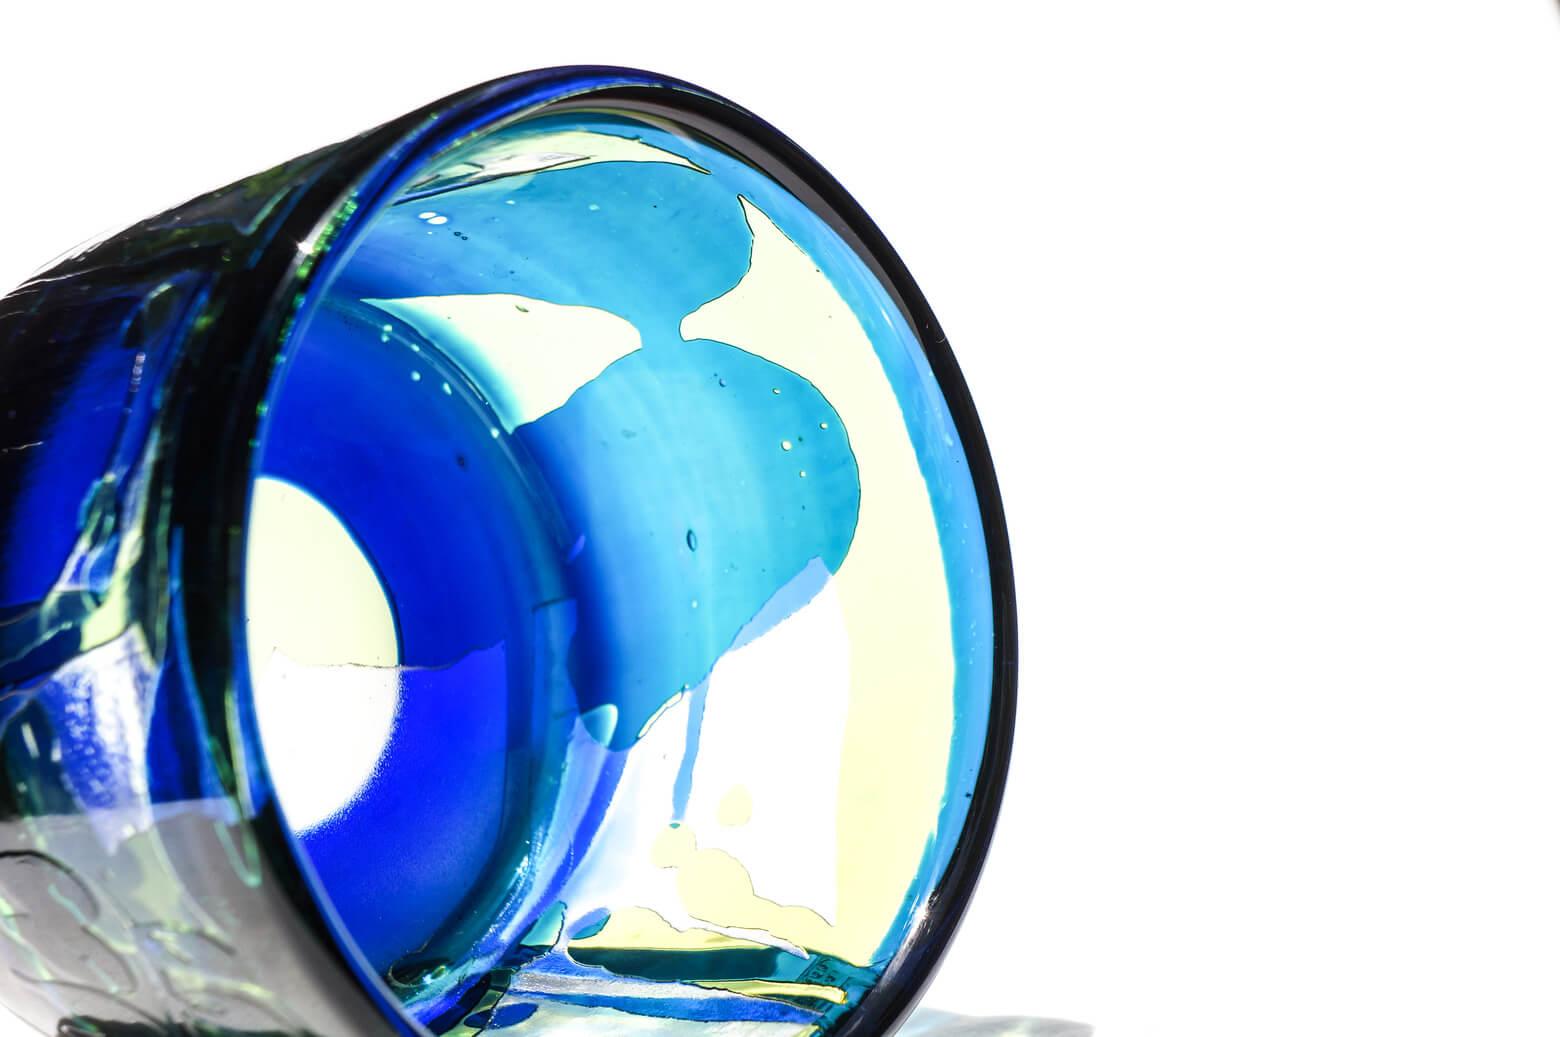 コスタ ボダ ガラス ボウル ヨーラン・ヴァルフ デザイン / kosta Boda Glass Bowl Goran Warff Design